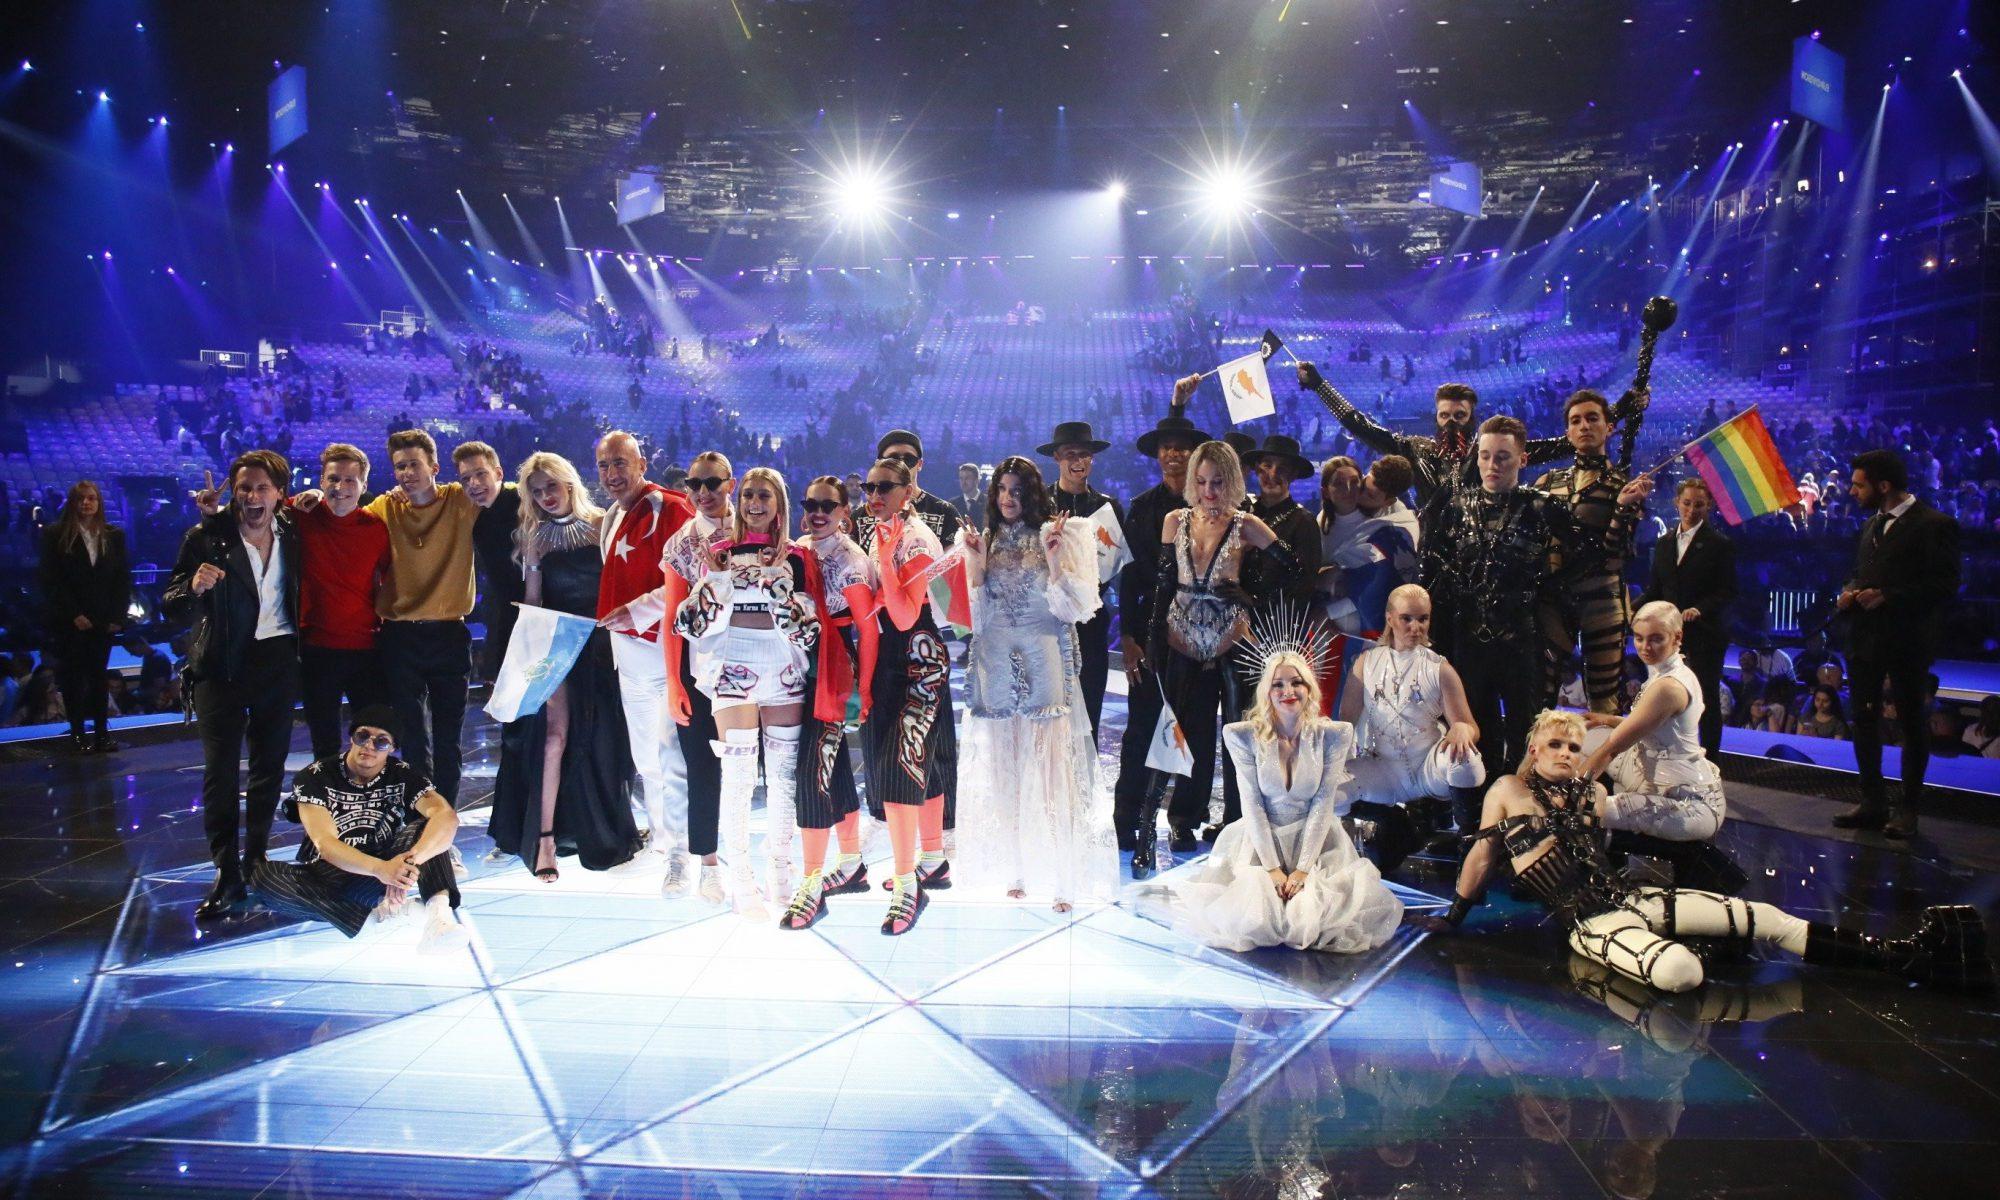 Die glücklichen Finalisten | Foto: Andres Putting/EBU